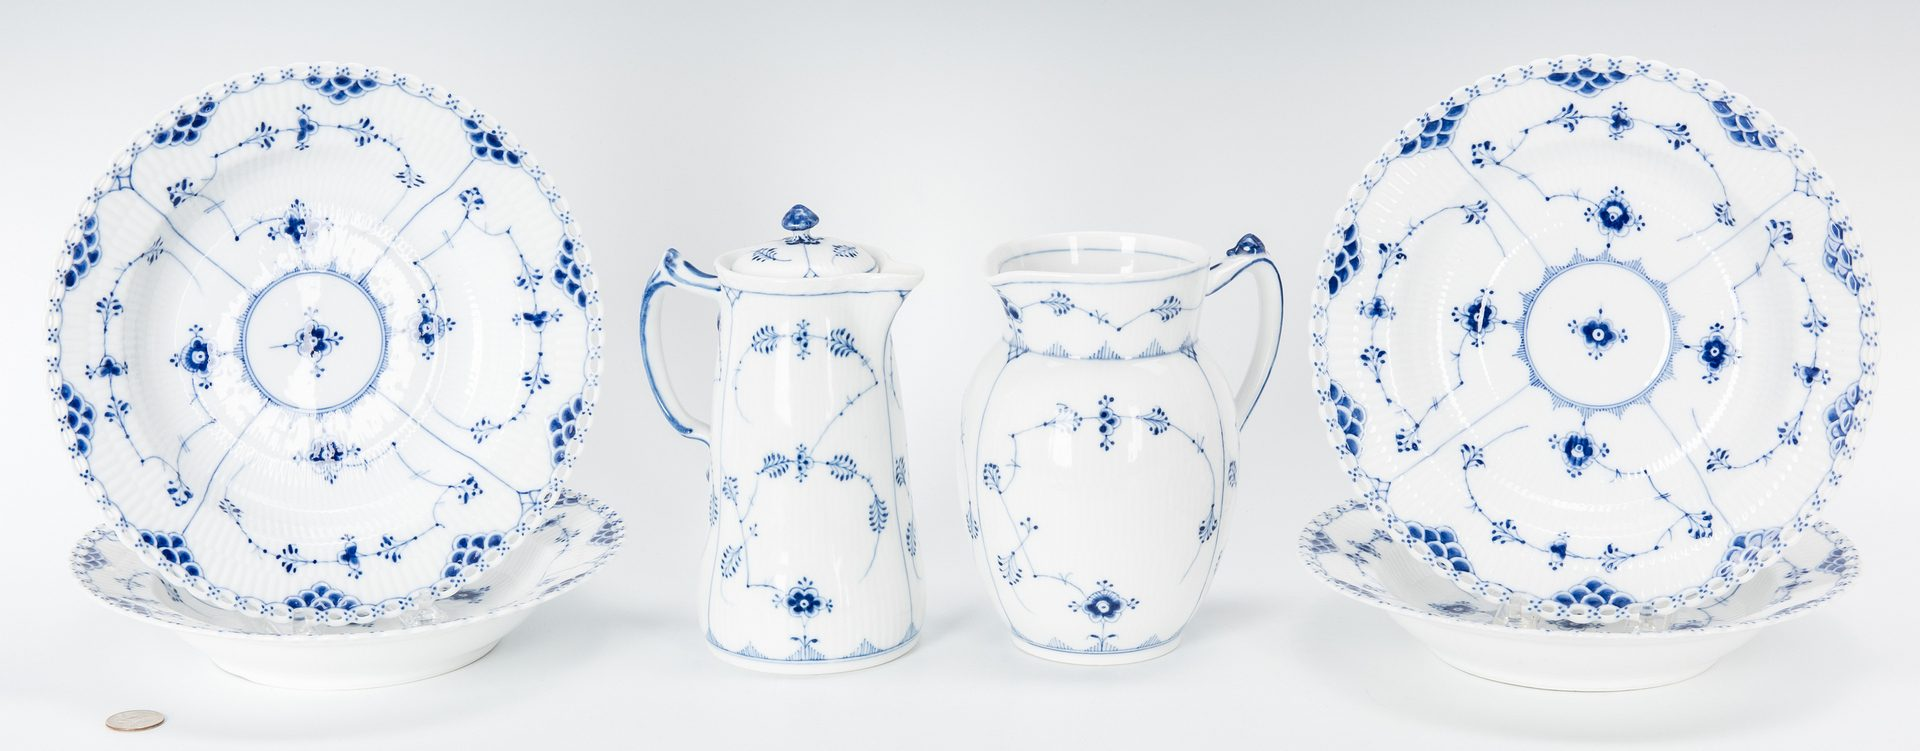 Lot 488: 21 Royal Copenhagen Porcelain Items